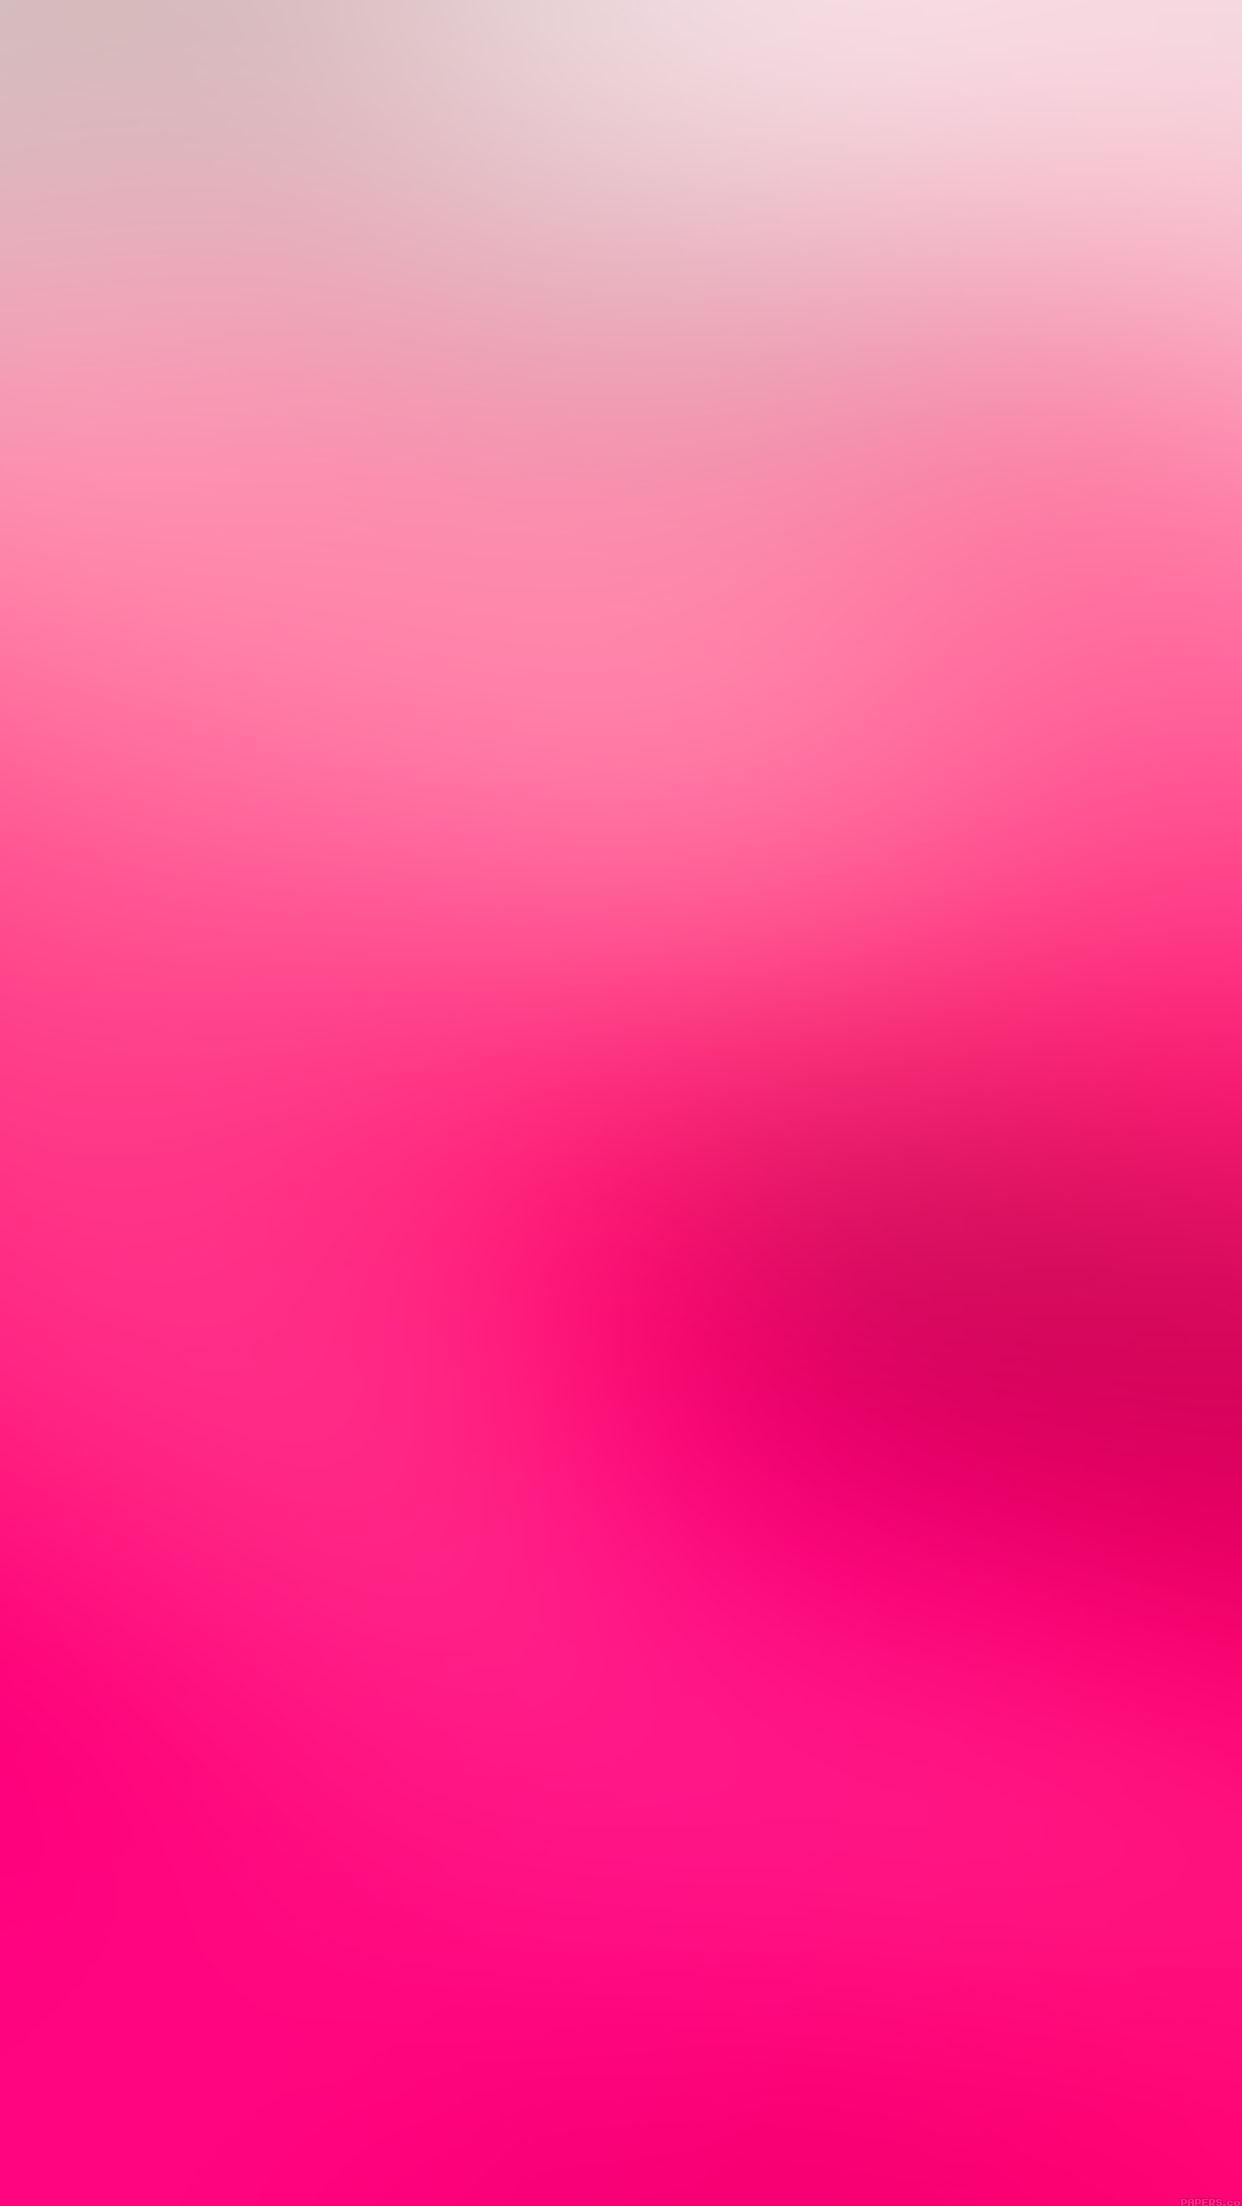 Pink Gradient Background iPhone Wallpaper iphoneswallpapers com